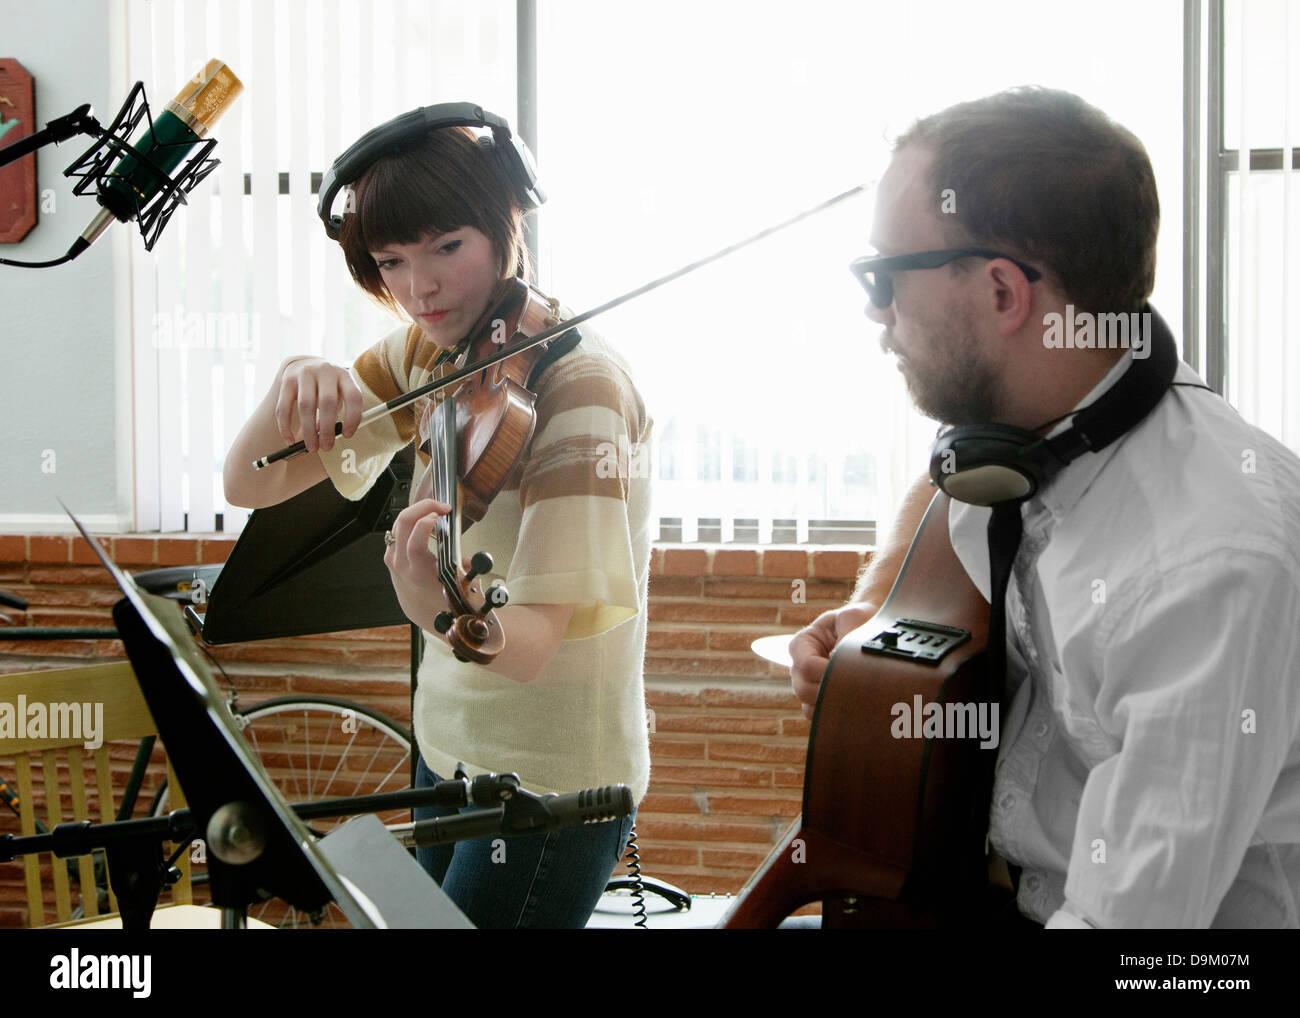 Giovane uomo e donna suona il violino e chitarra in sala musica prove generali Immagini Stock